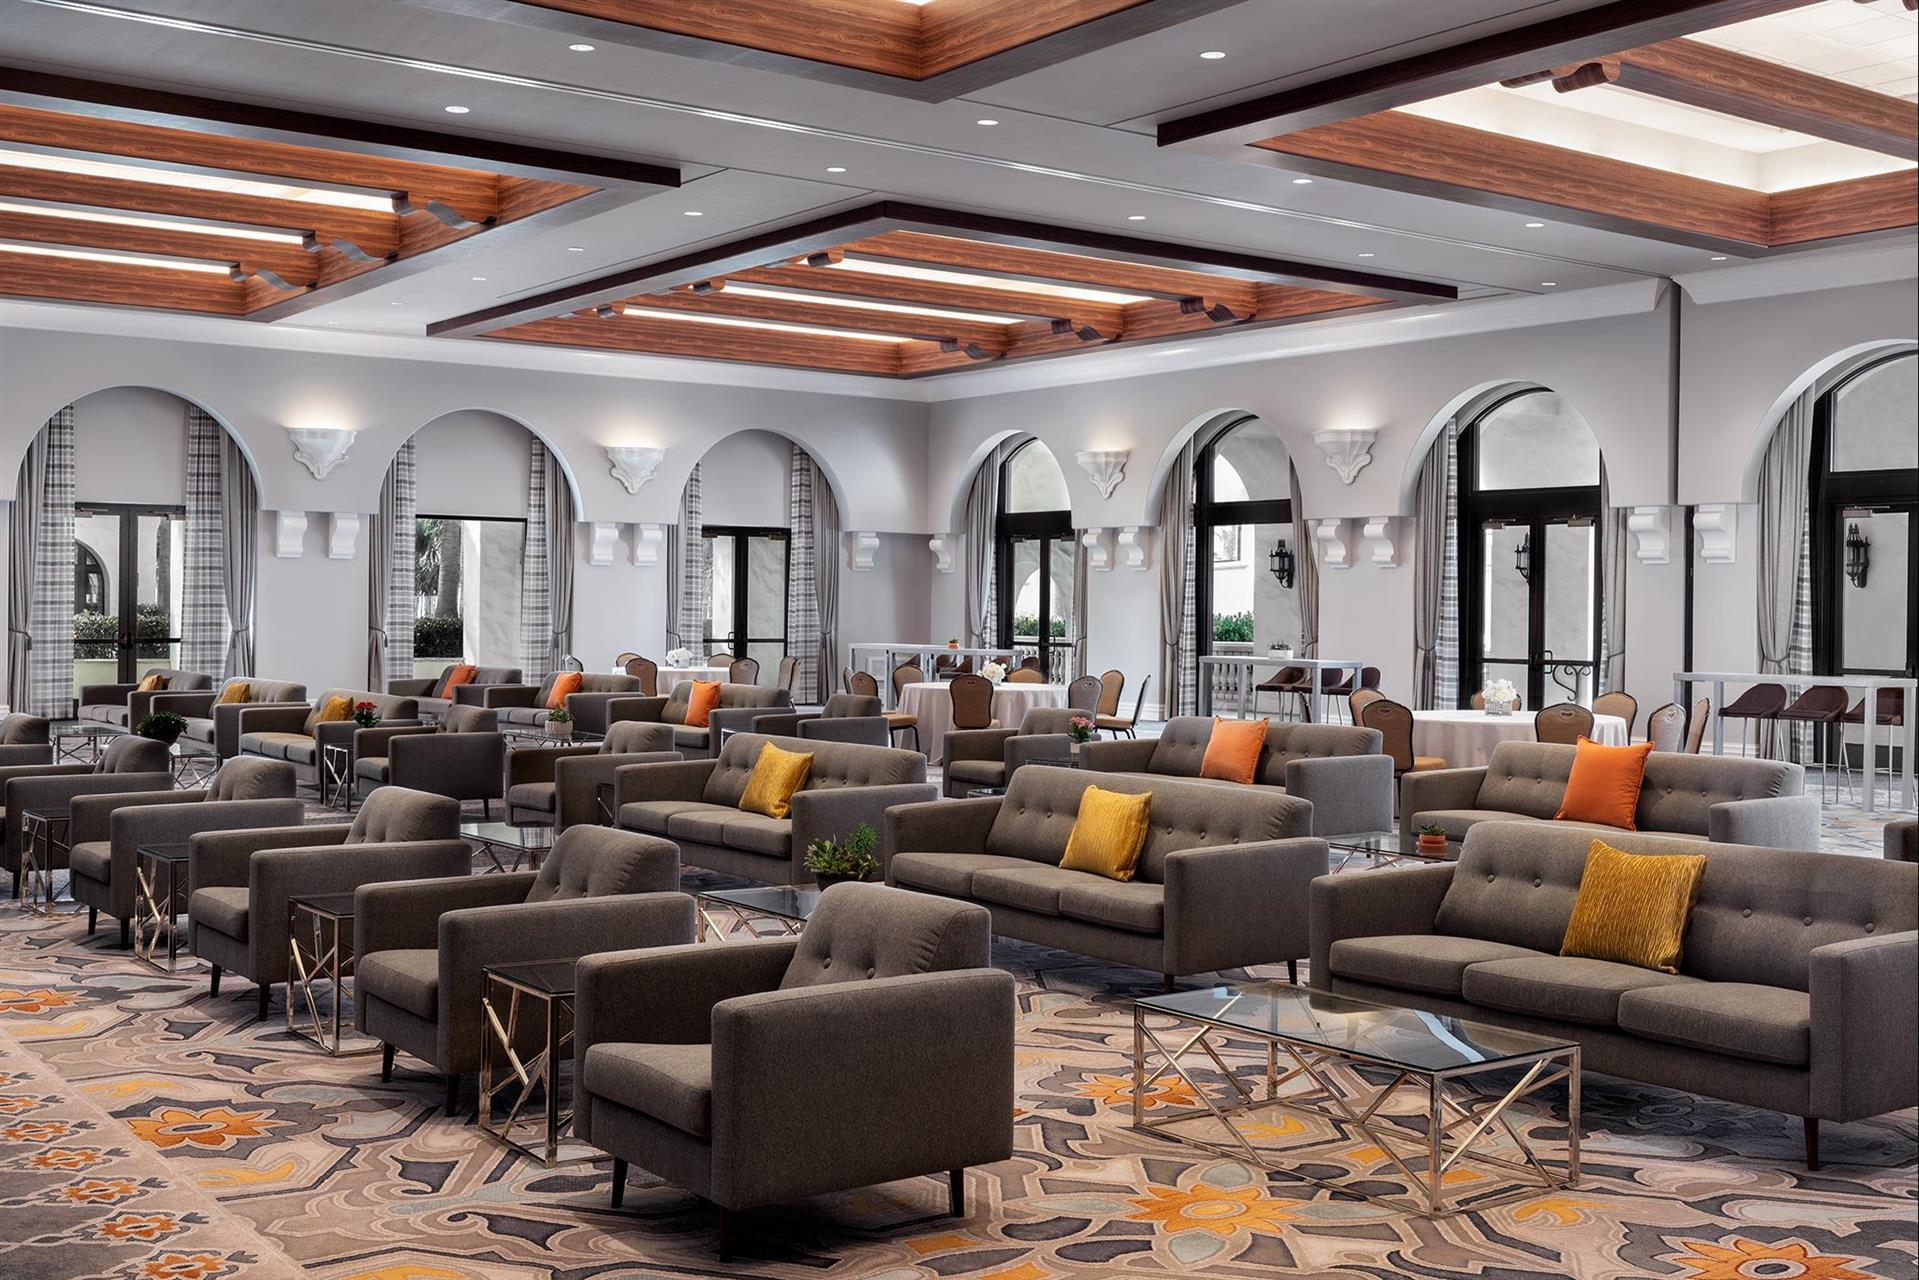 Meetings and Events at Omni Rancho Las Palmas Resort & Spa